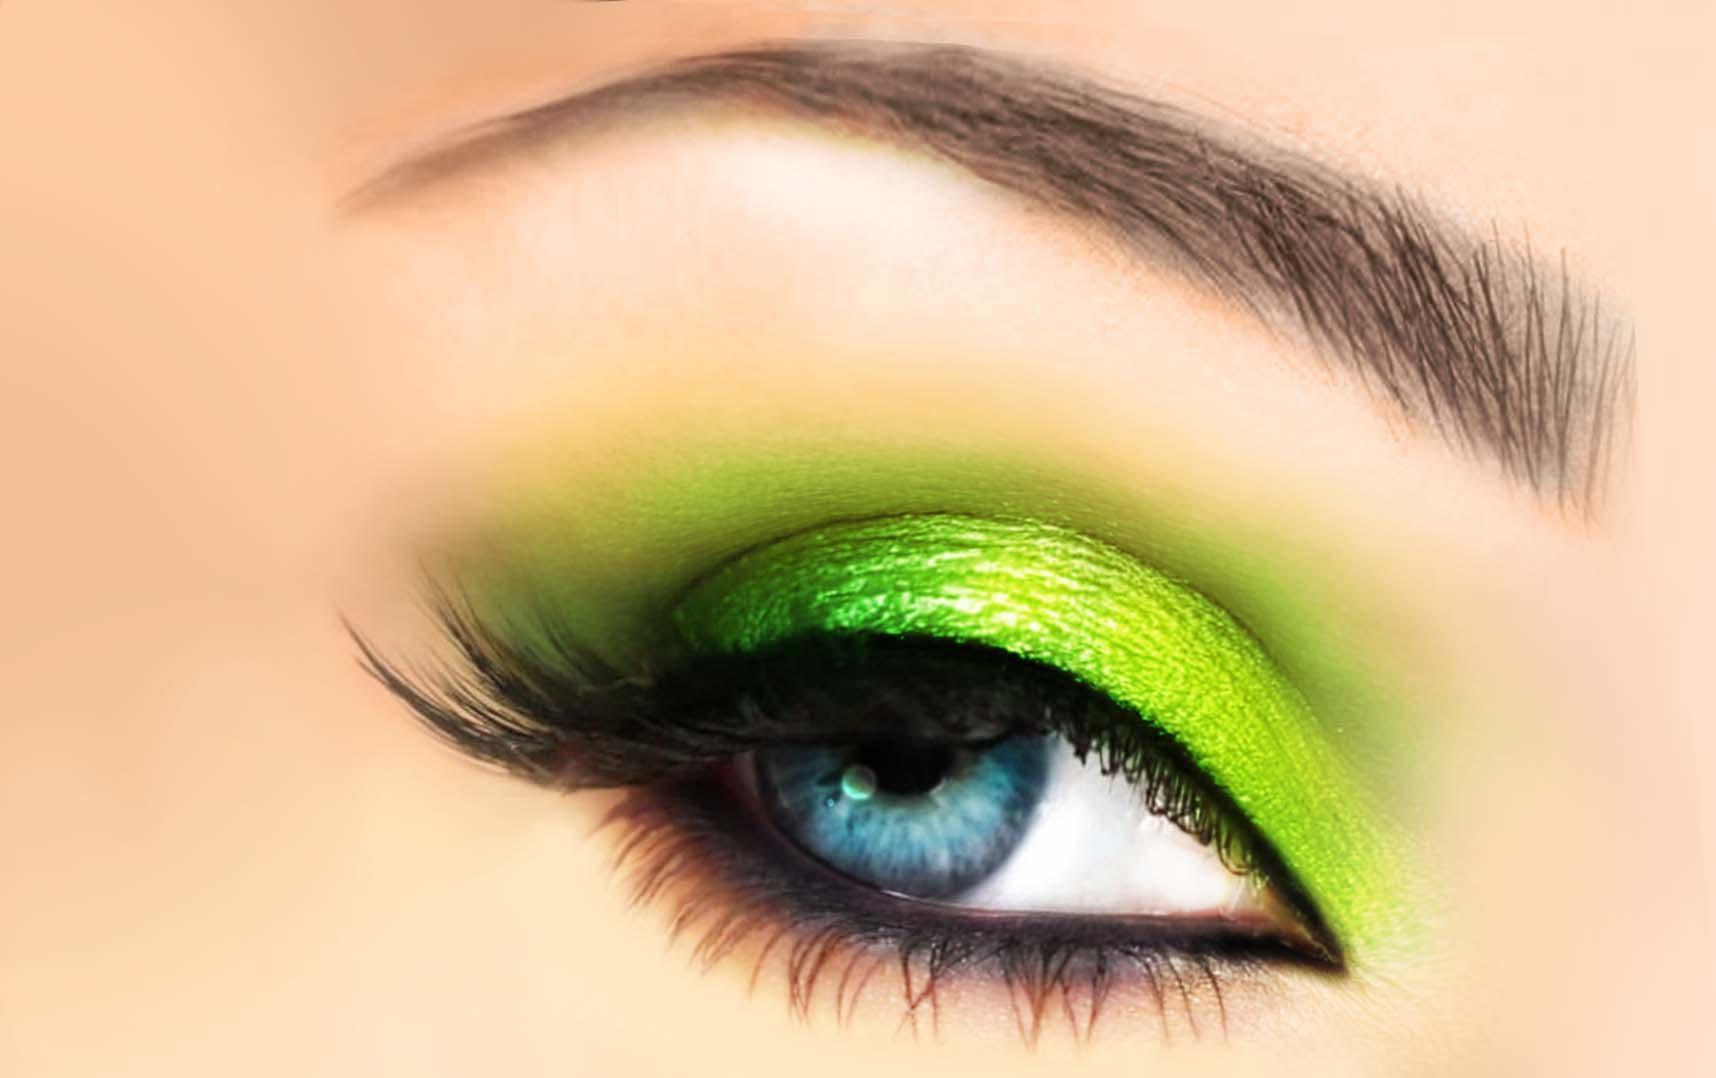 صورة مكياج عيون لبناني , اجمل مكياج عيوني بالطريقة اللبنانية